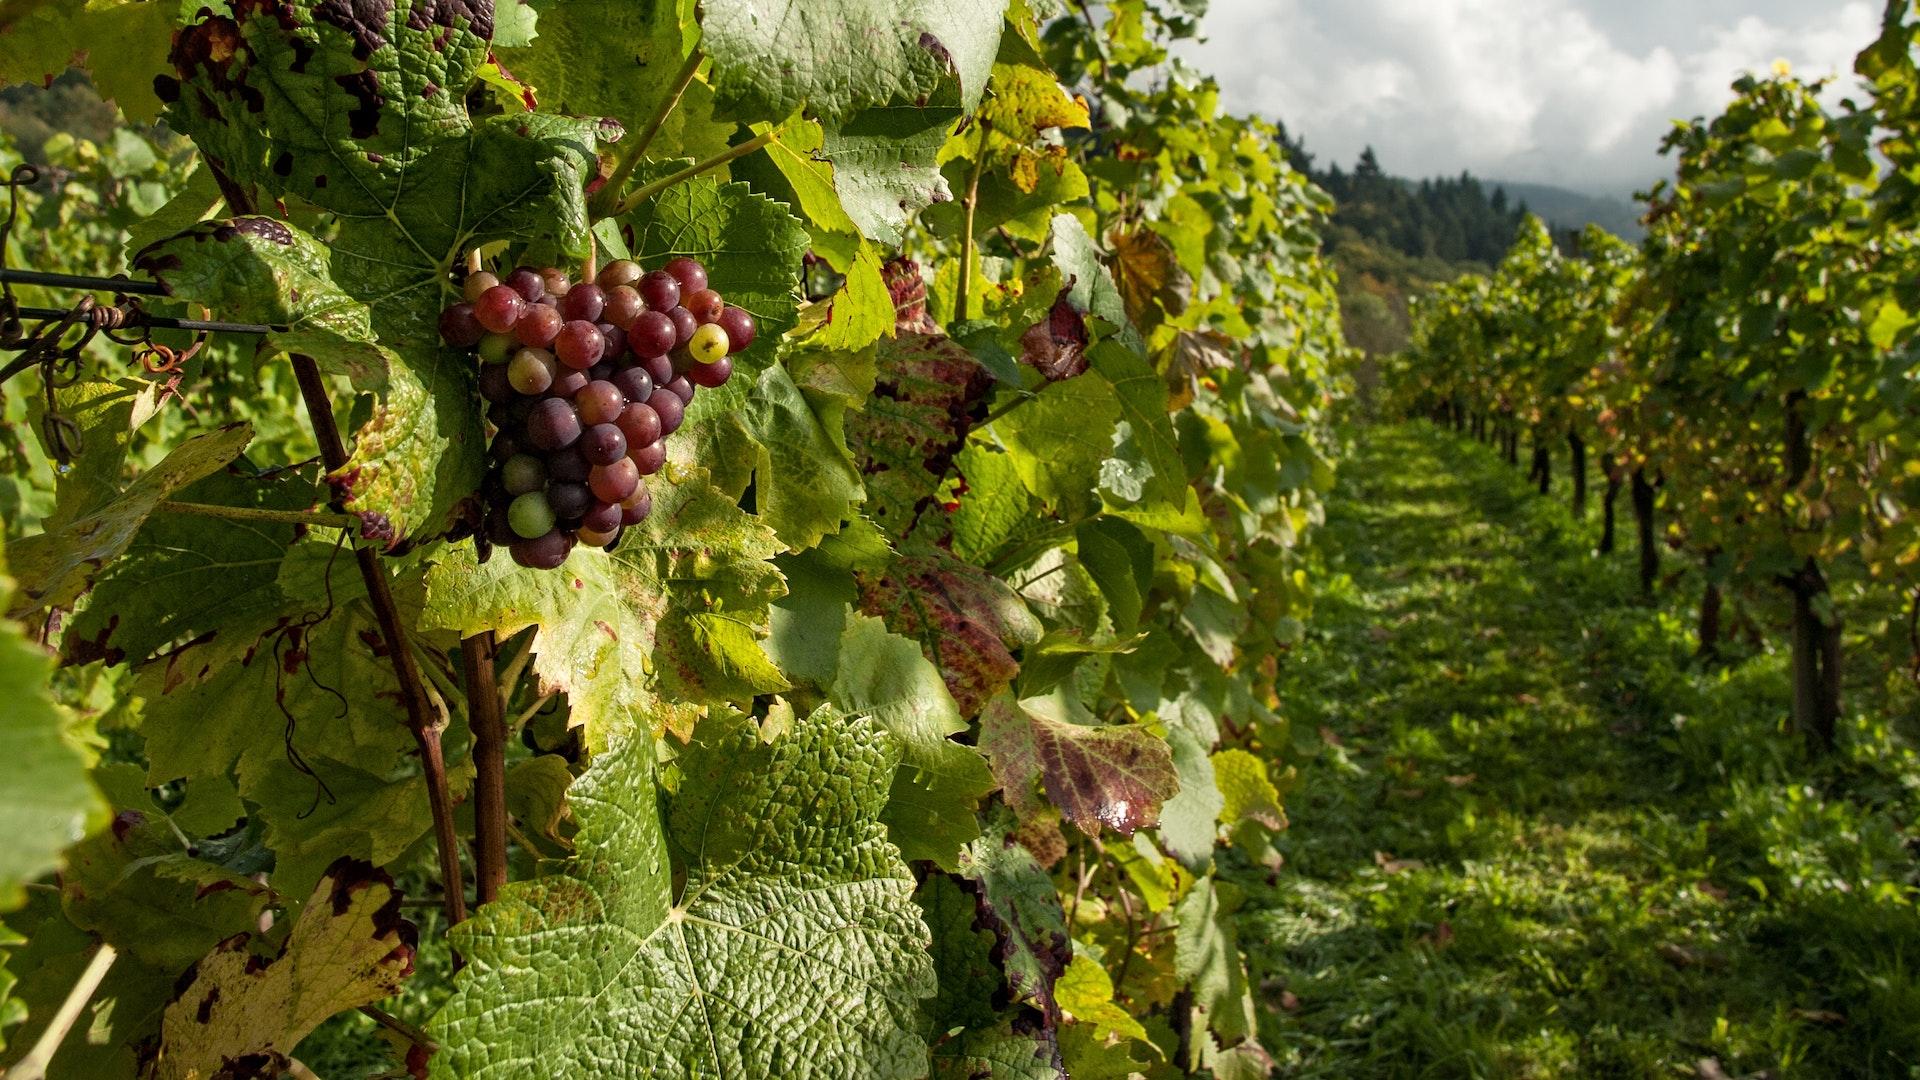 El Gobierno nacional apoyará junto a la provincia de Mendoza al sector vitivinícola con préstamos a una tasa bonificada del 20%